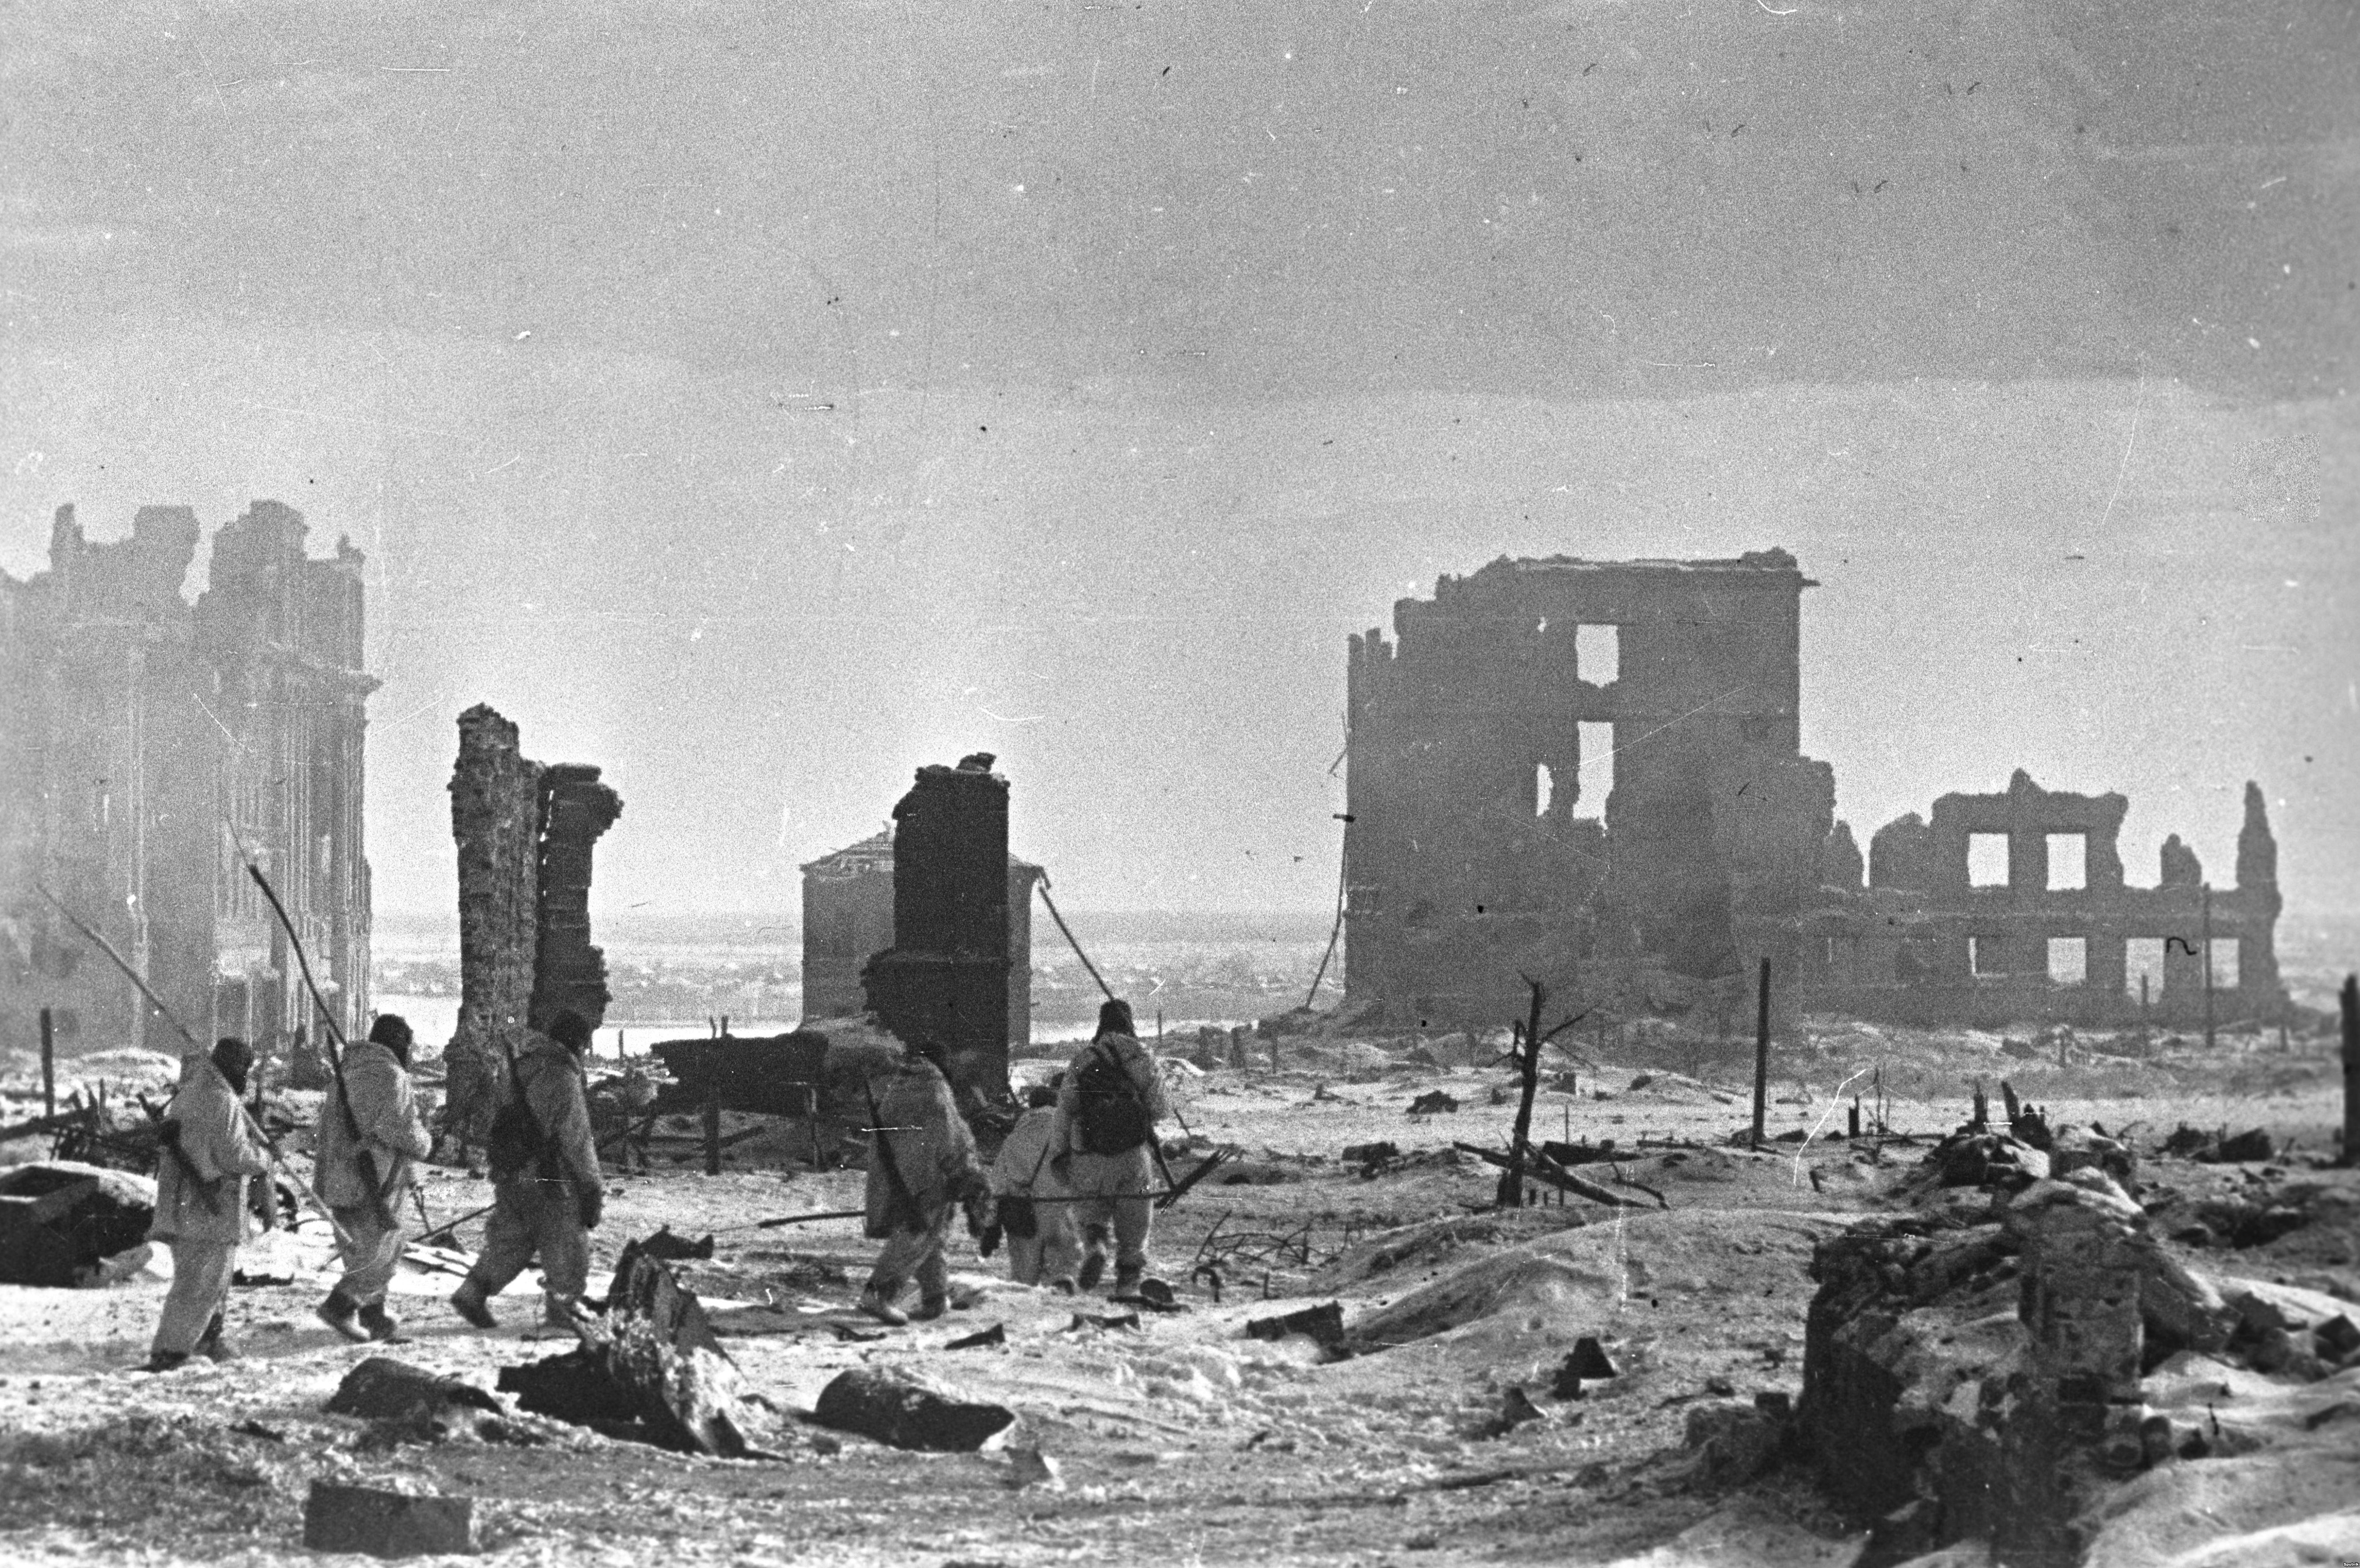 Depiction of Batalla de Stalingrado